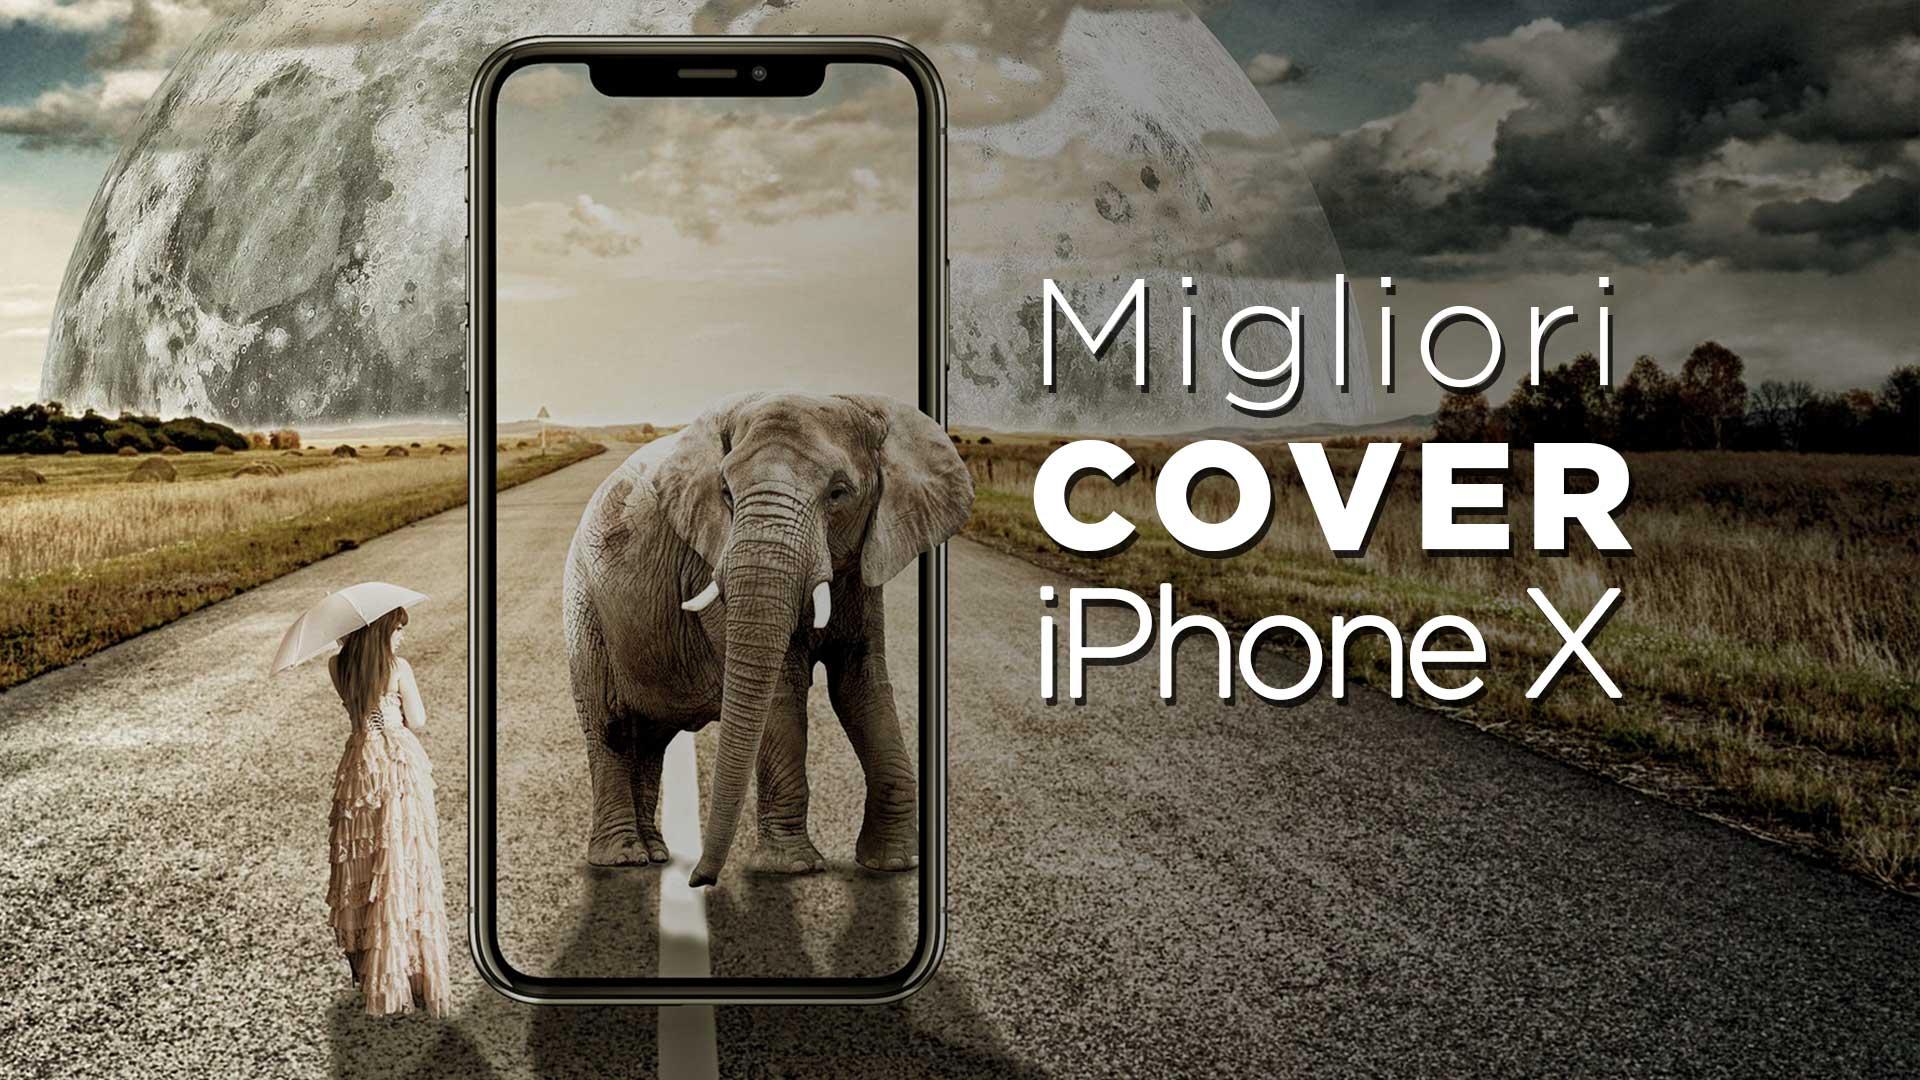 Migliori cover per iPhone - guida all'acquisto